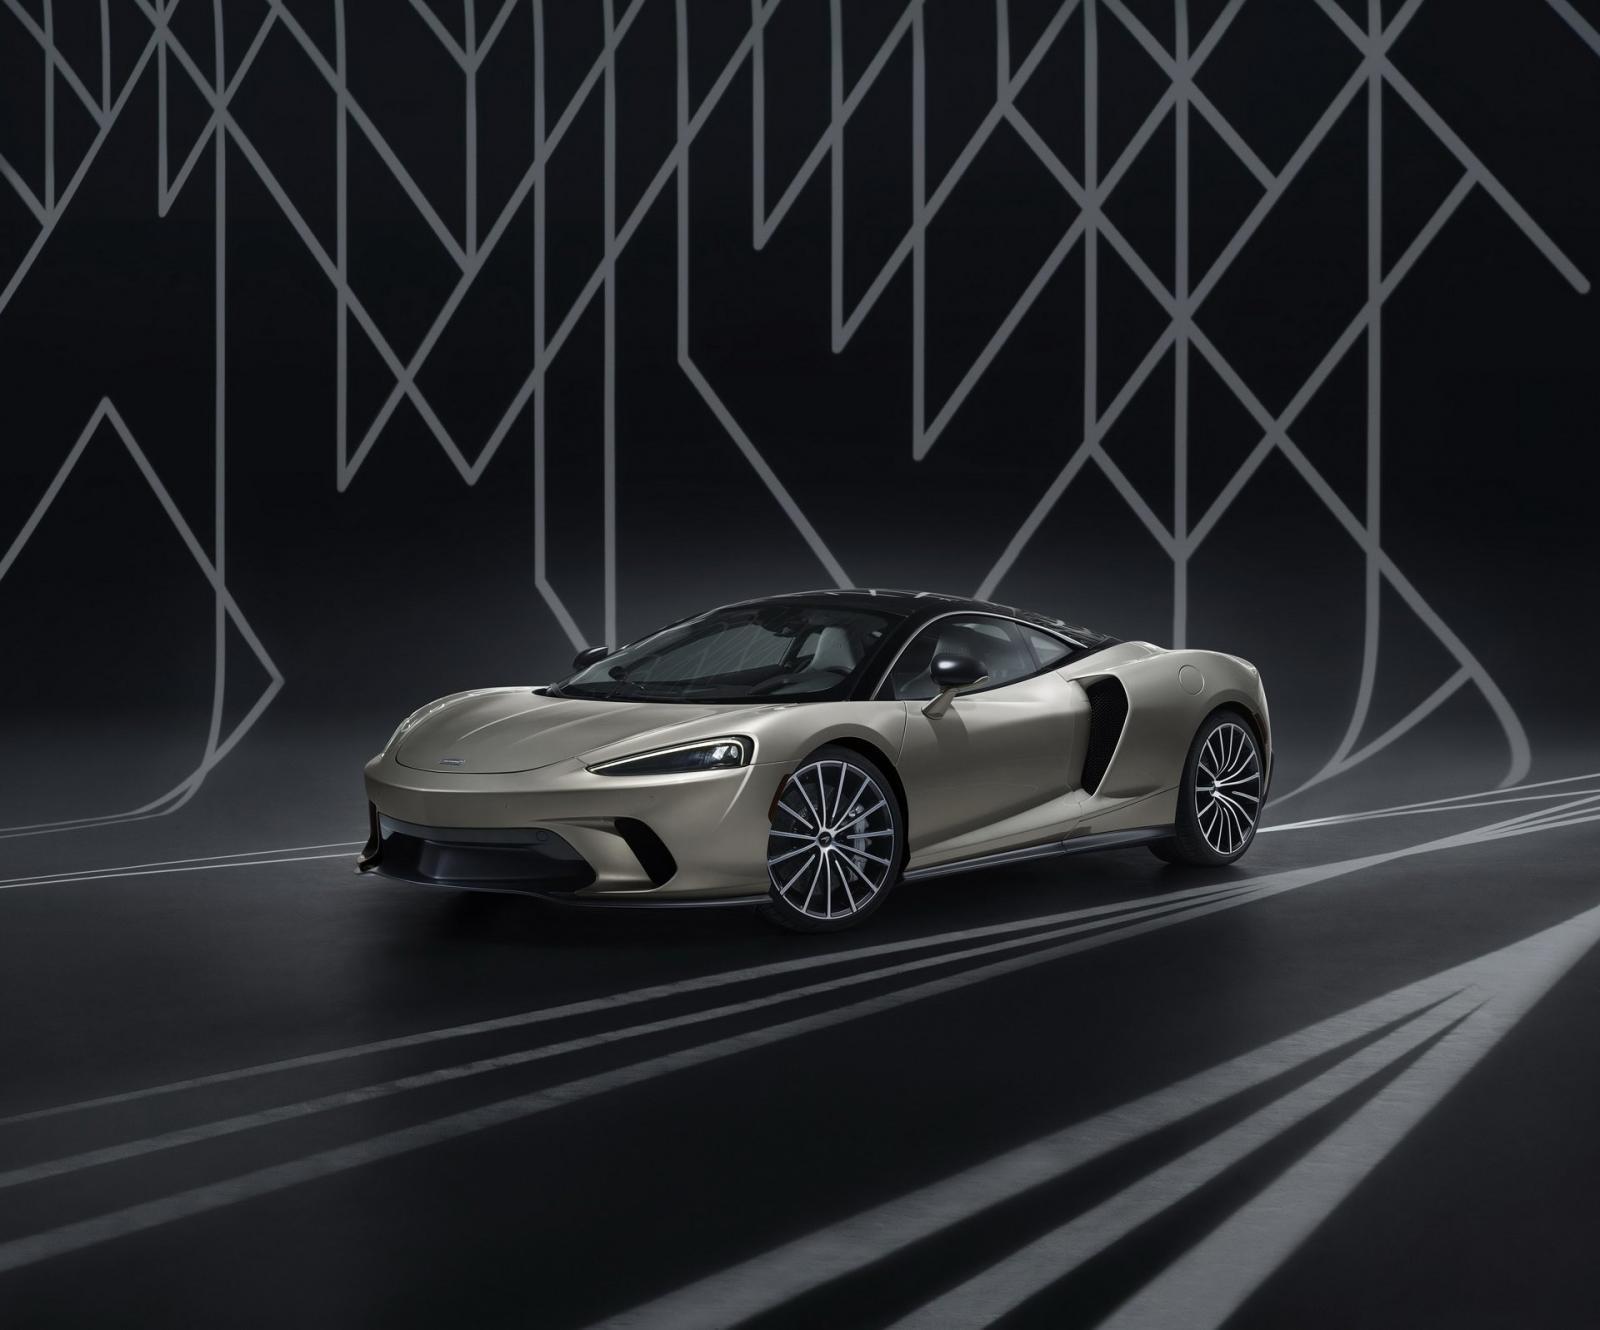 El McLaren GT MSO verá la luz en Pebble Beach, donde será uno de los grandes protagonistas